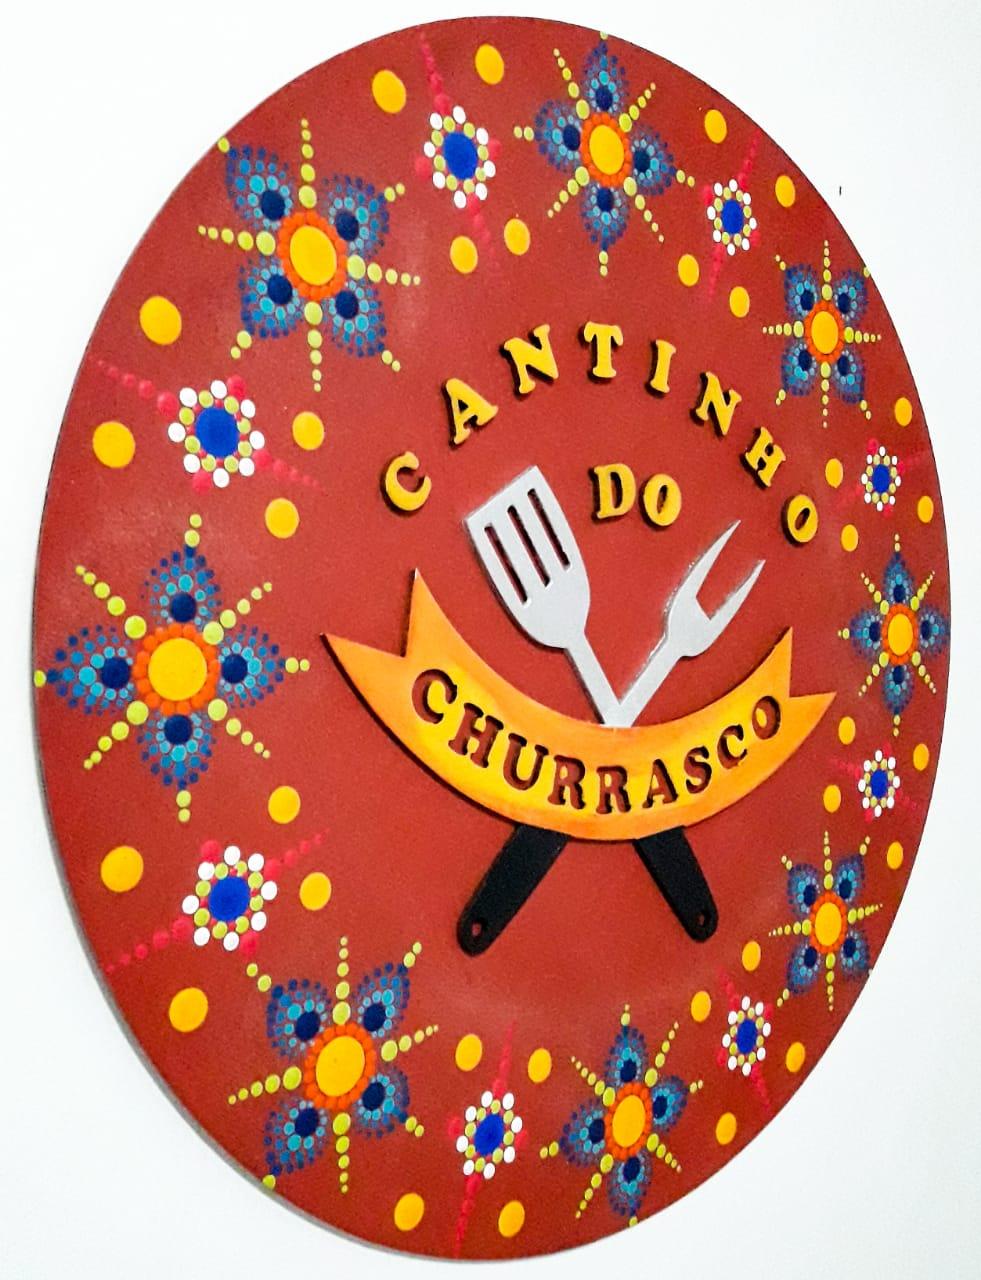 Placa Decorativa Cantinho do Churrasco Pintura Livre 35 cm CC-30